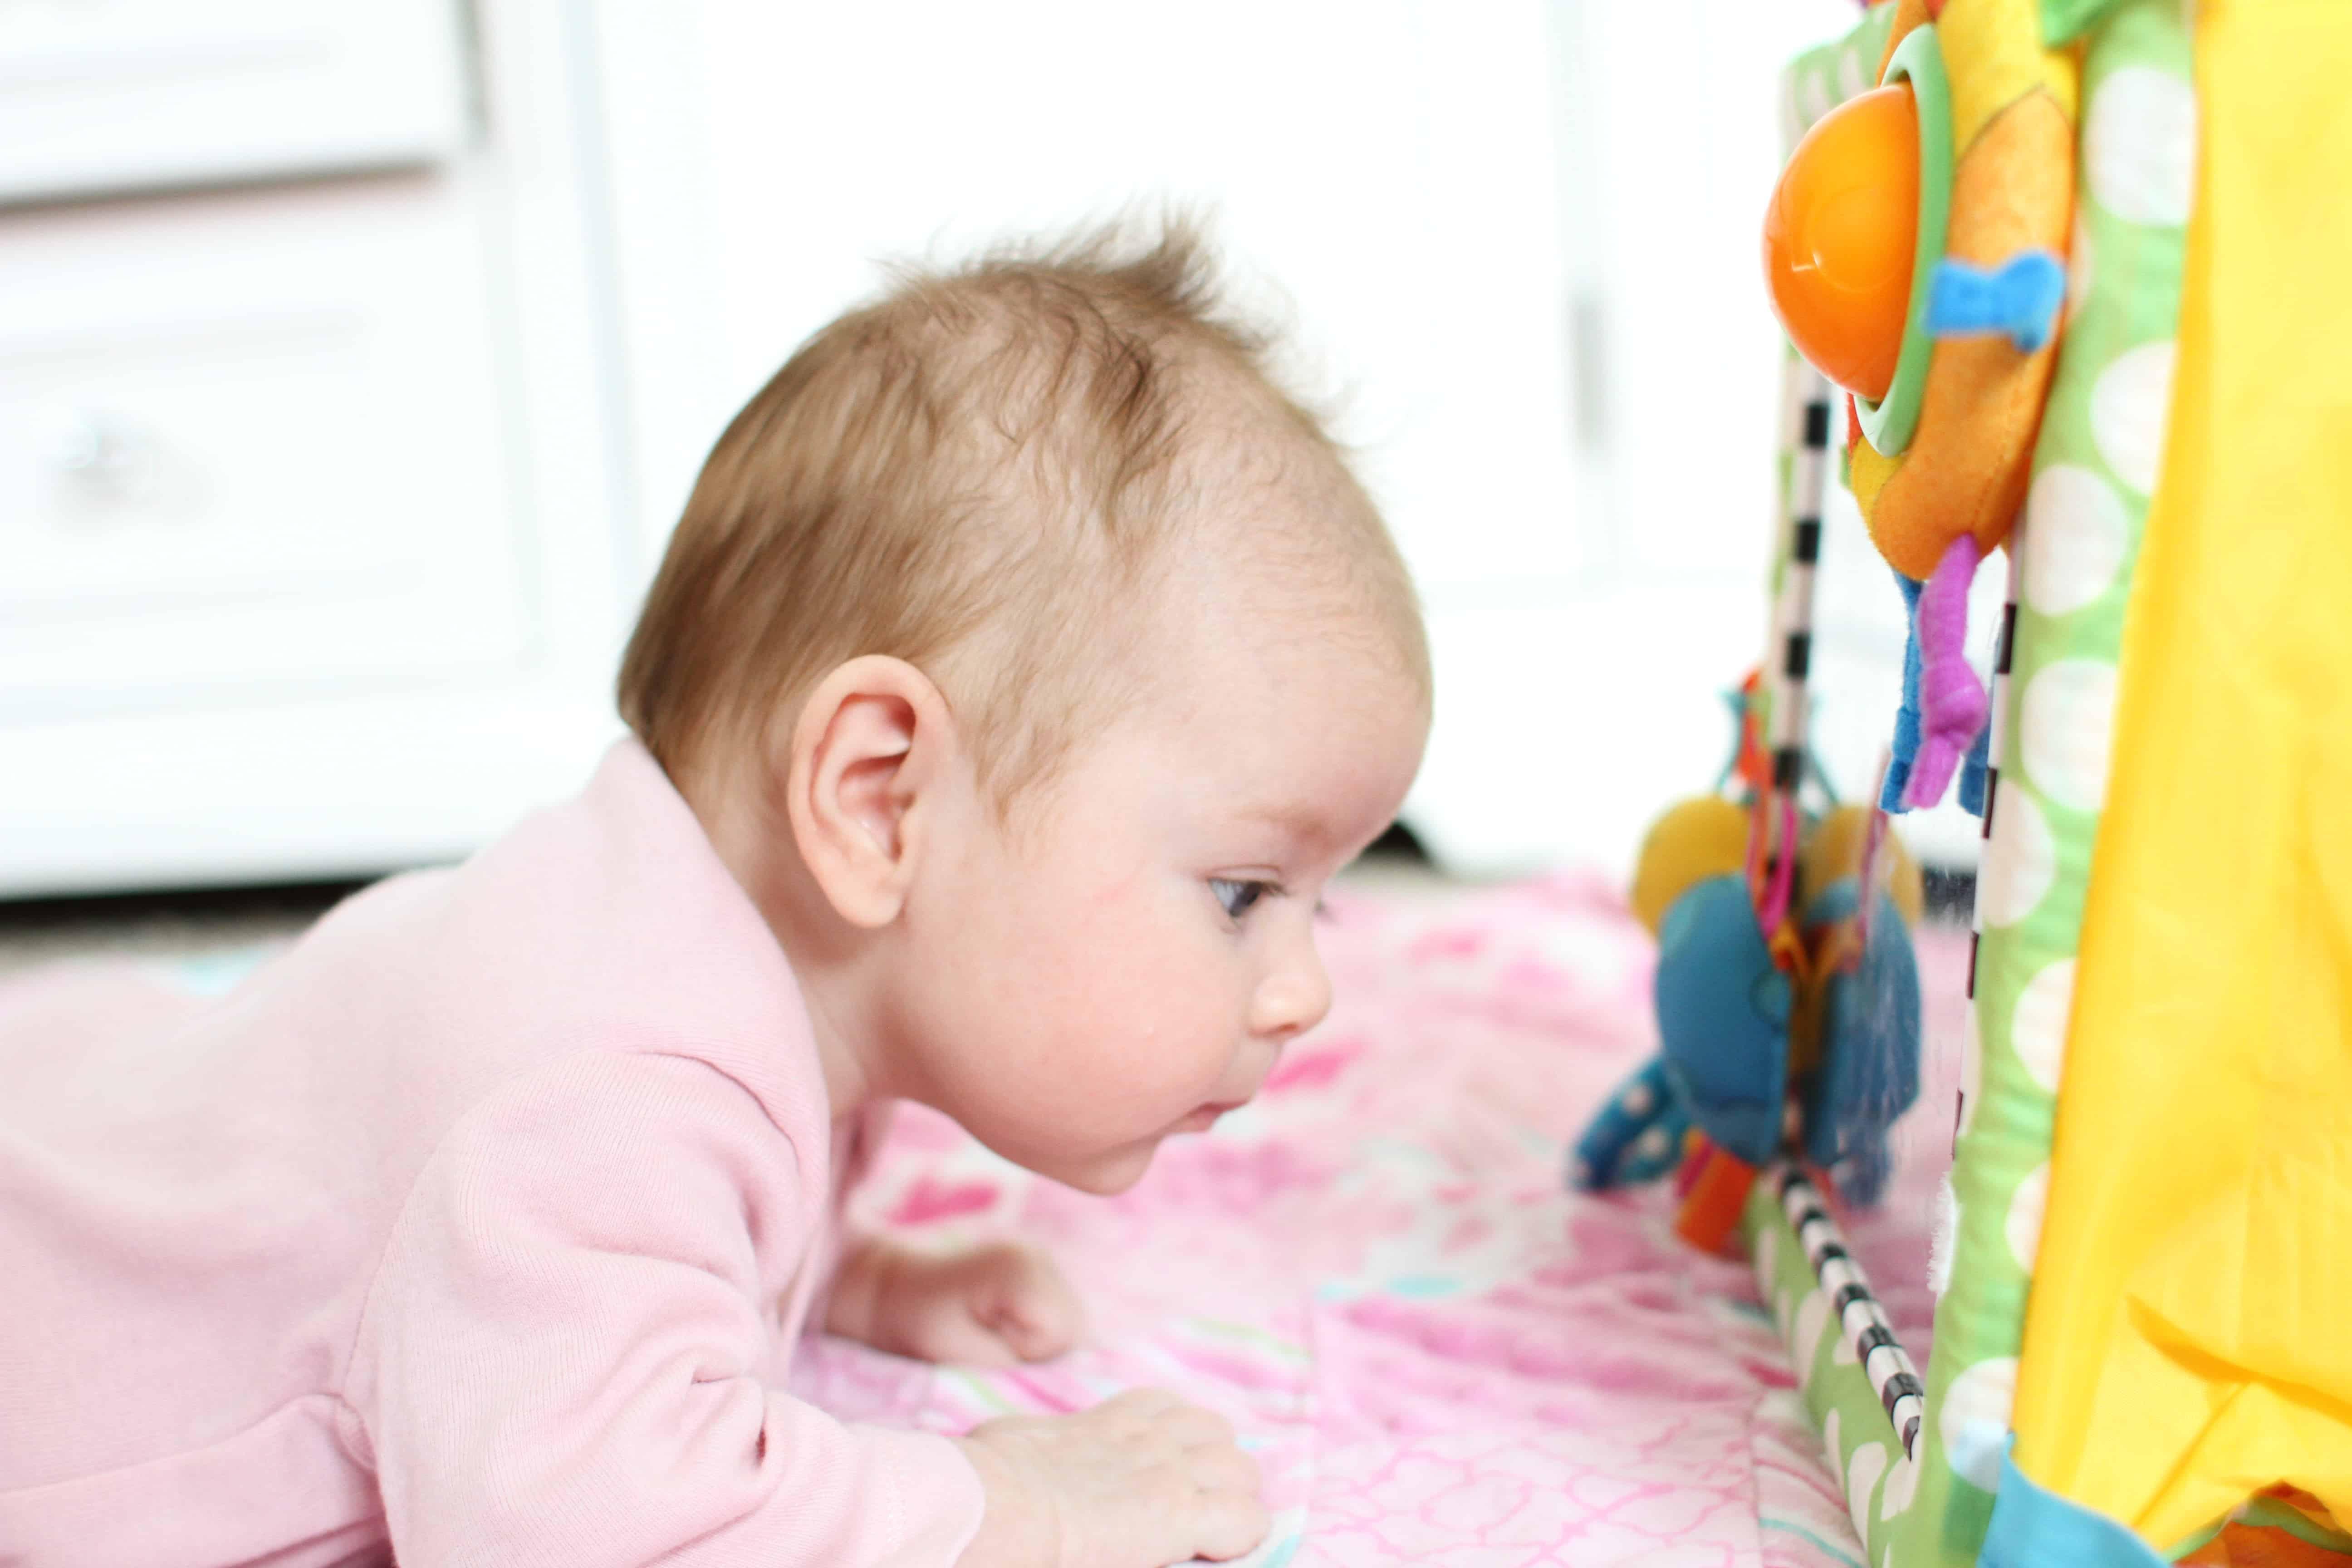 Ребенку 3 5 месяца плохо держит голову